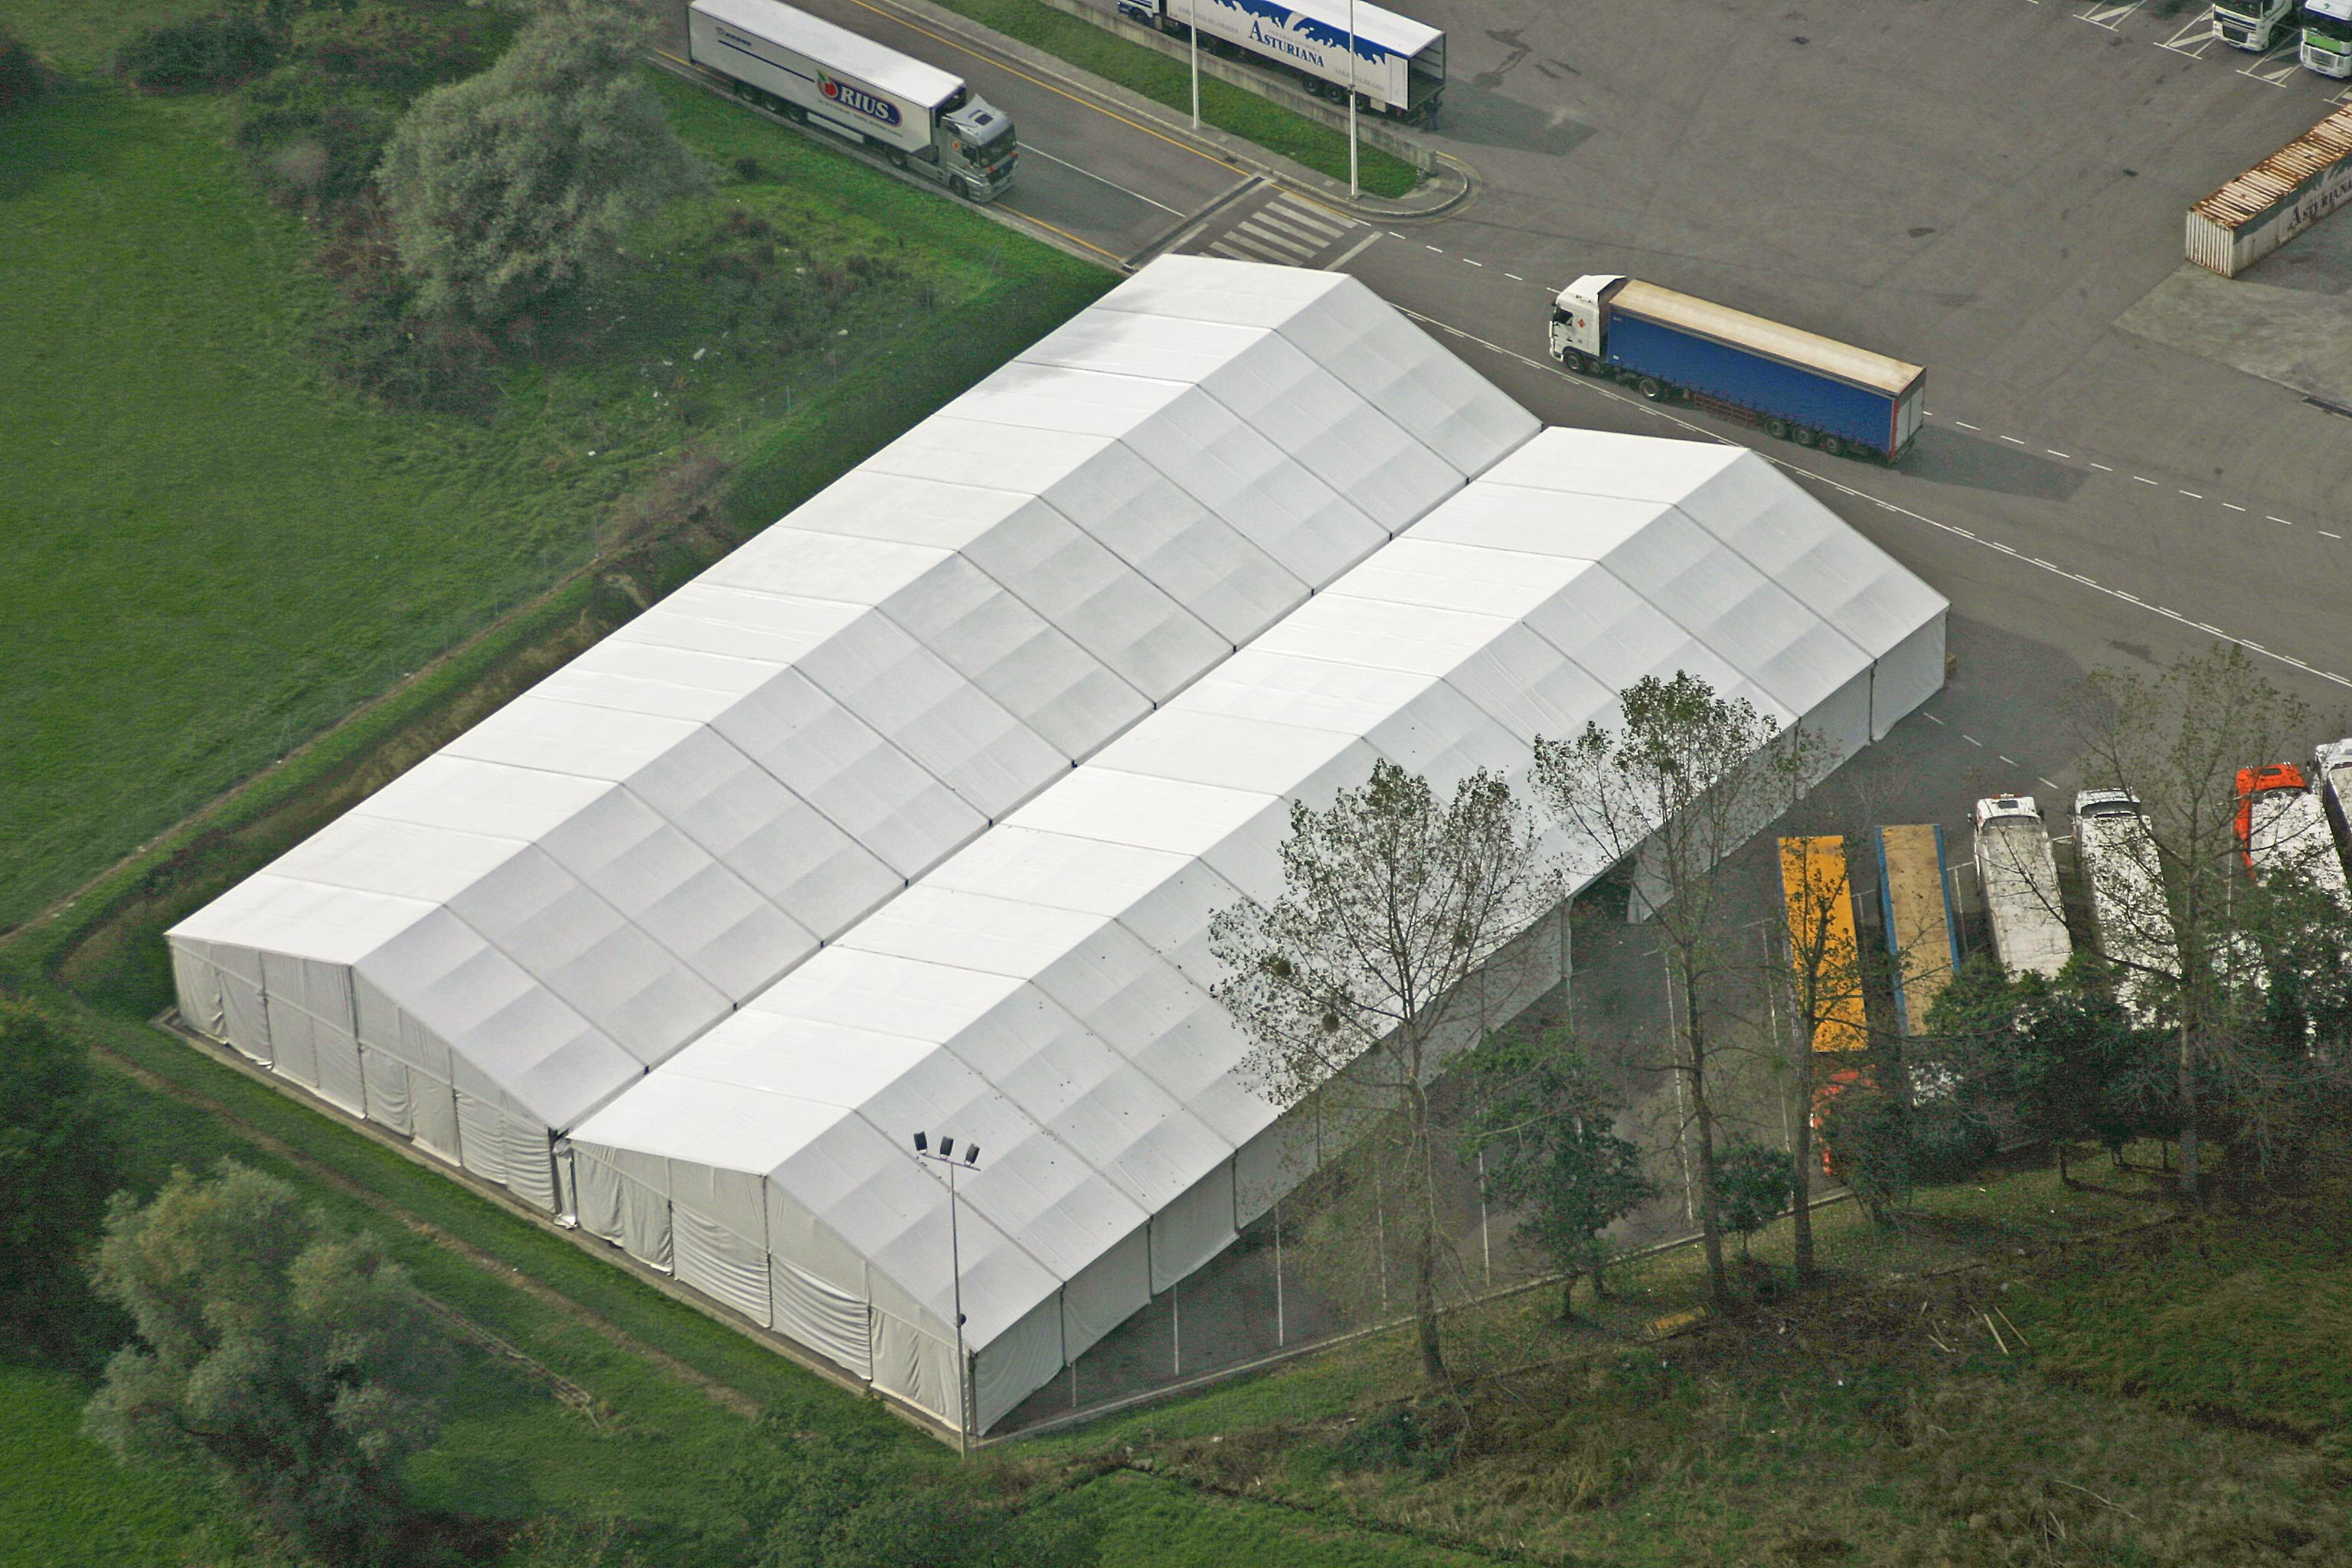 alquiler-carpa-almacenamiento-industrial-dos-aguas-asturias